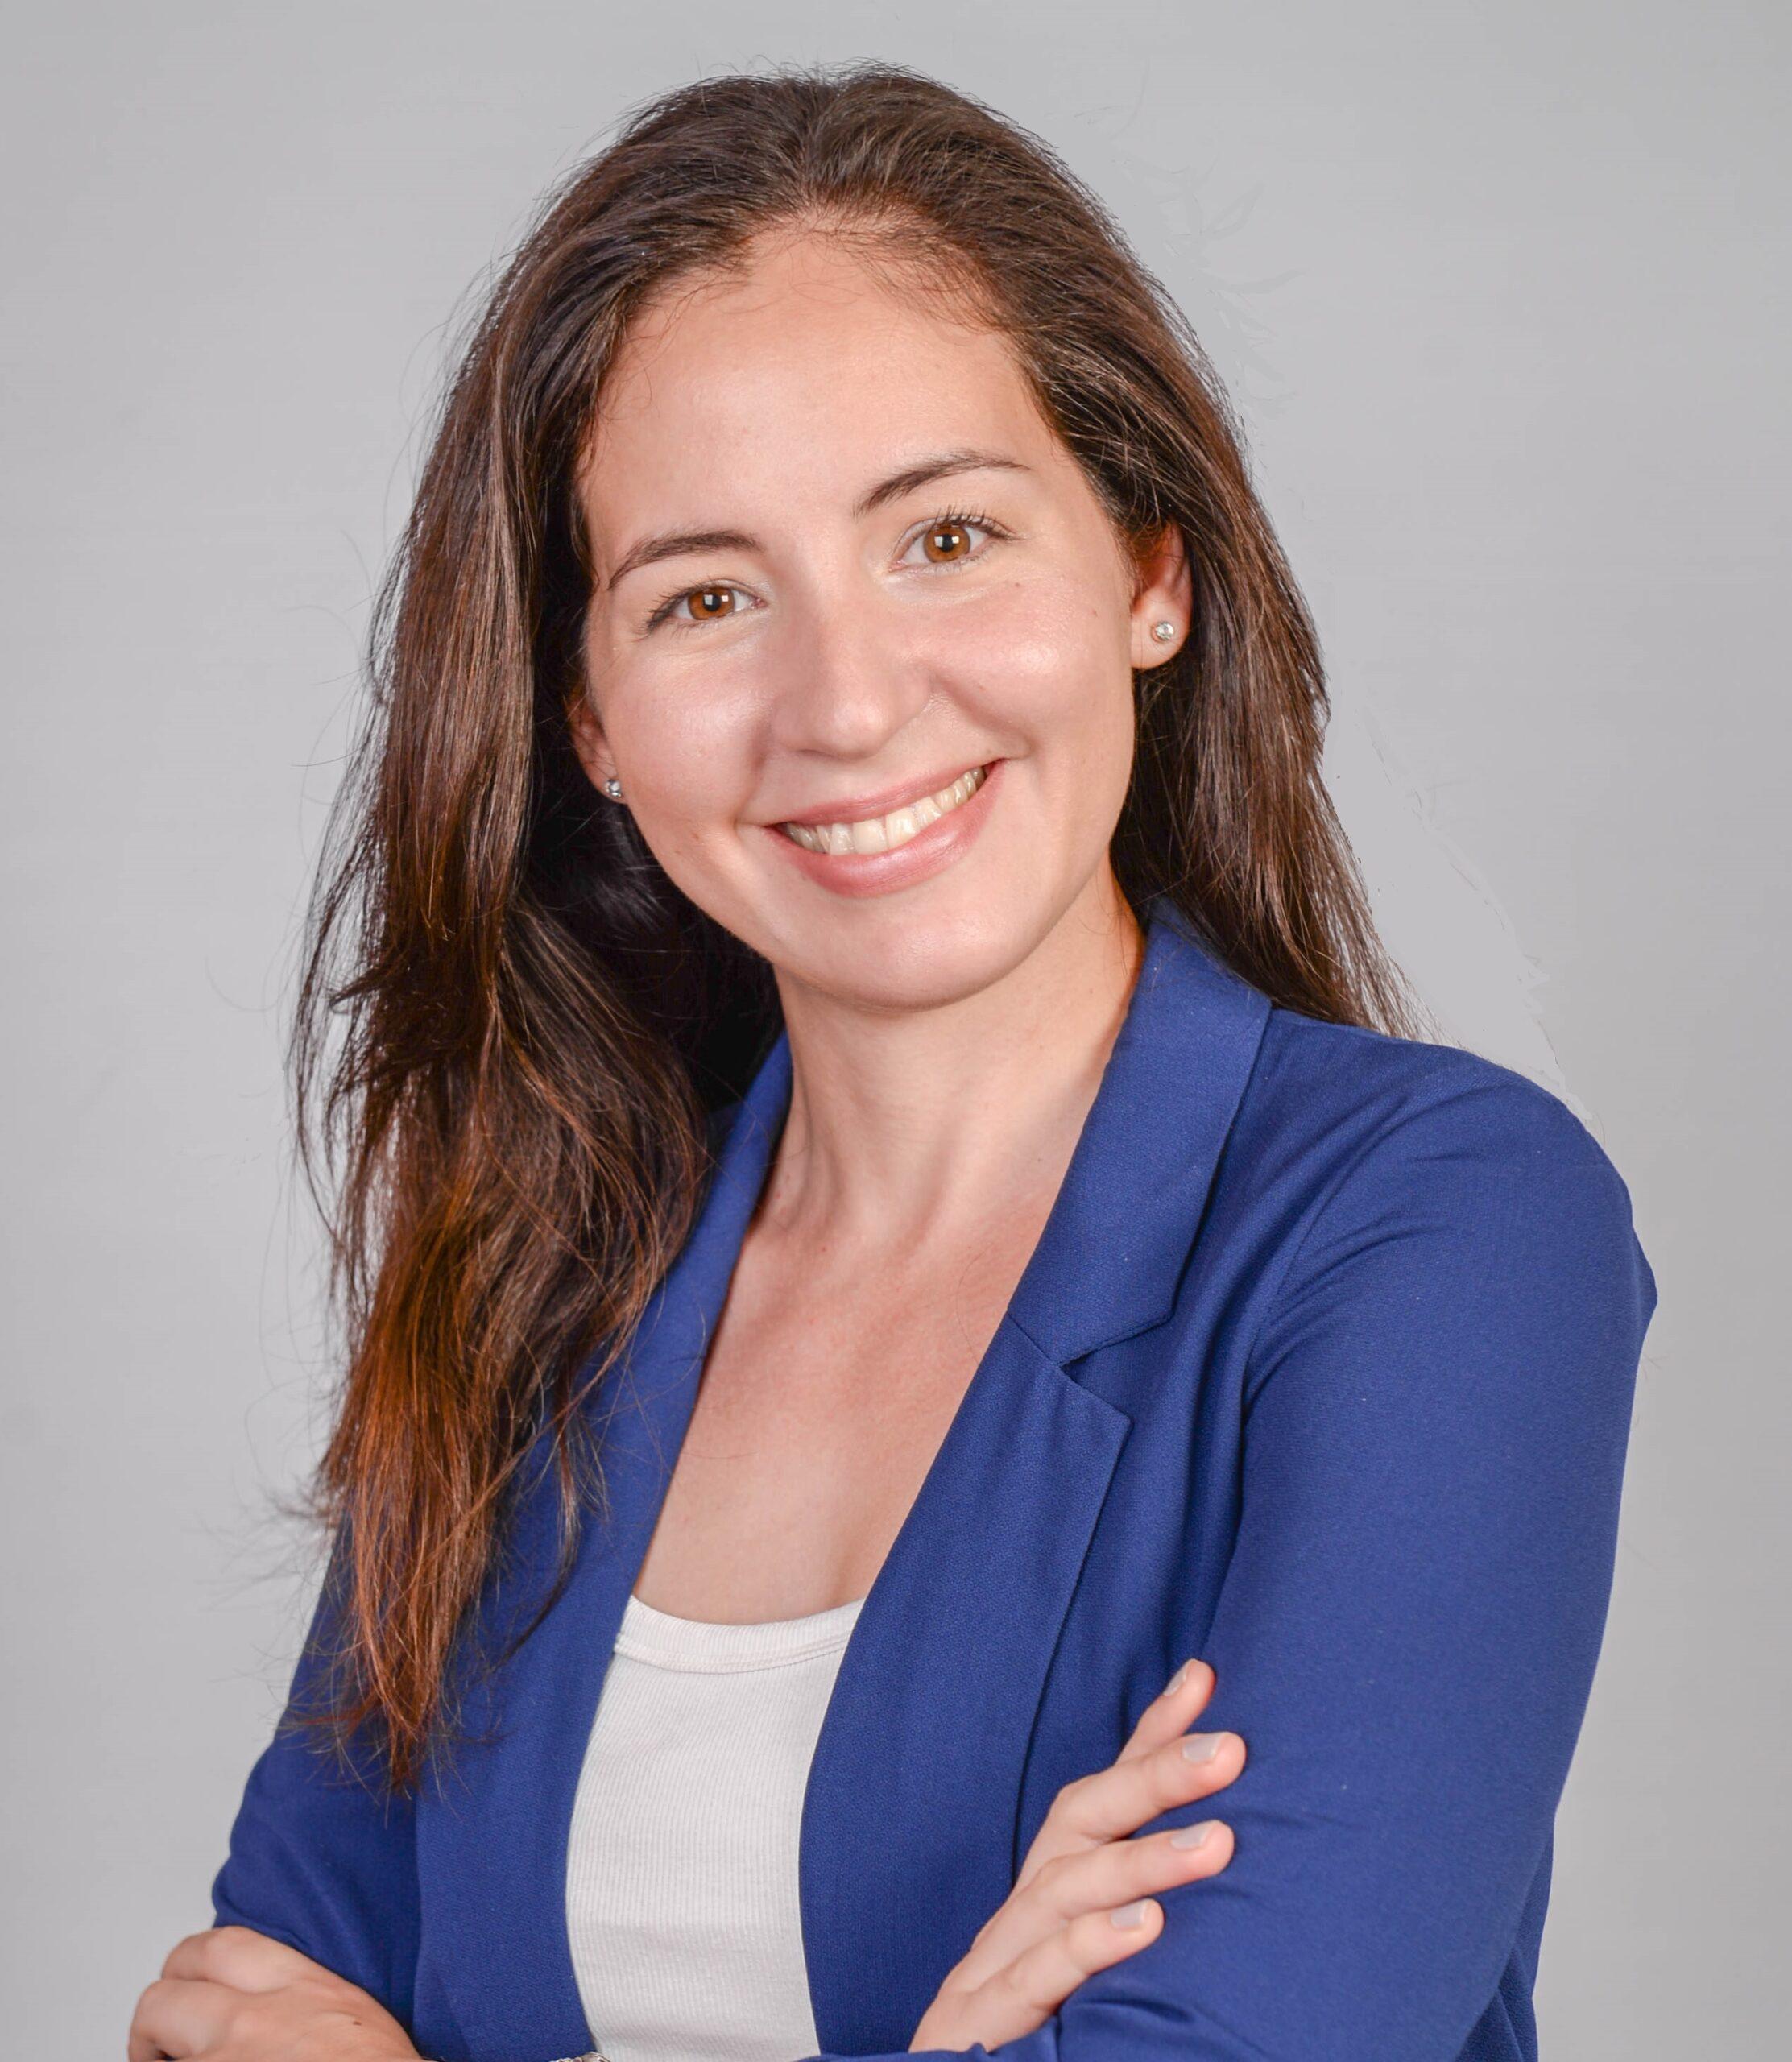 Mariana Roccia